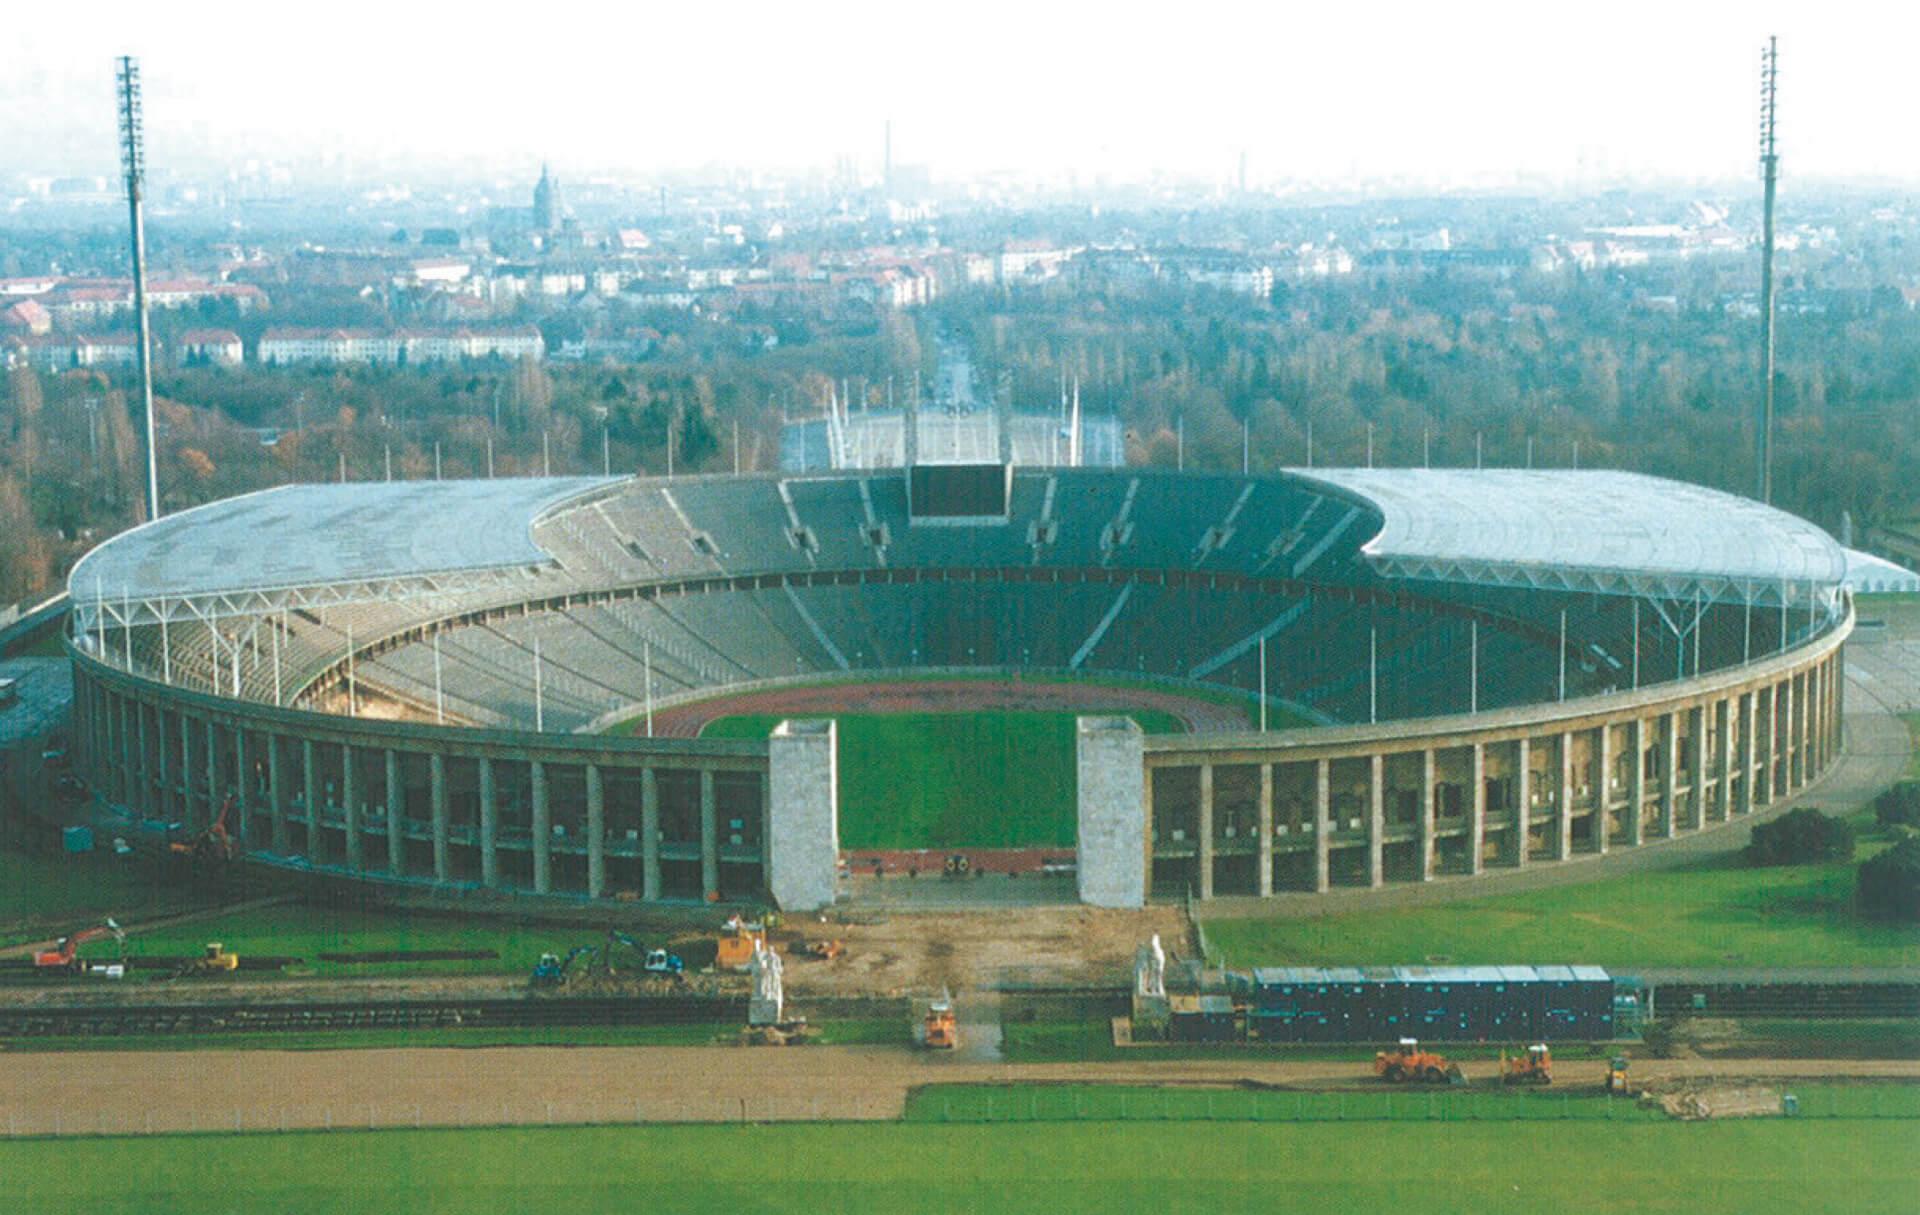 Modernisierung des Berliner Olympiastadions